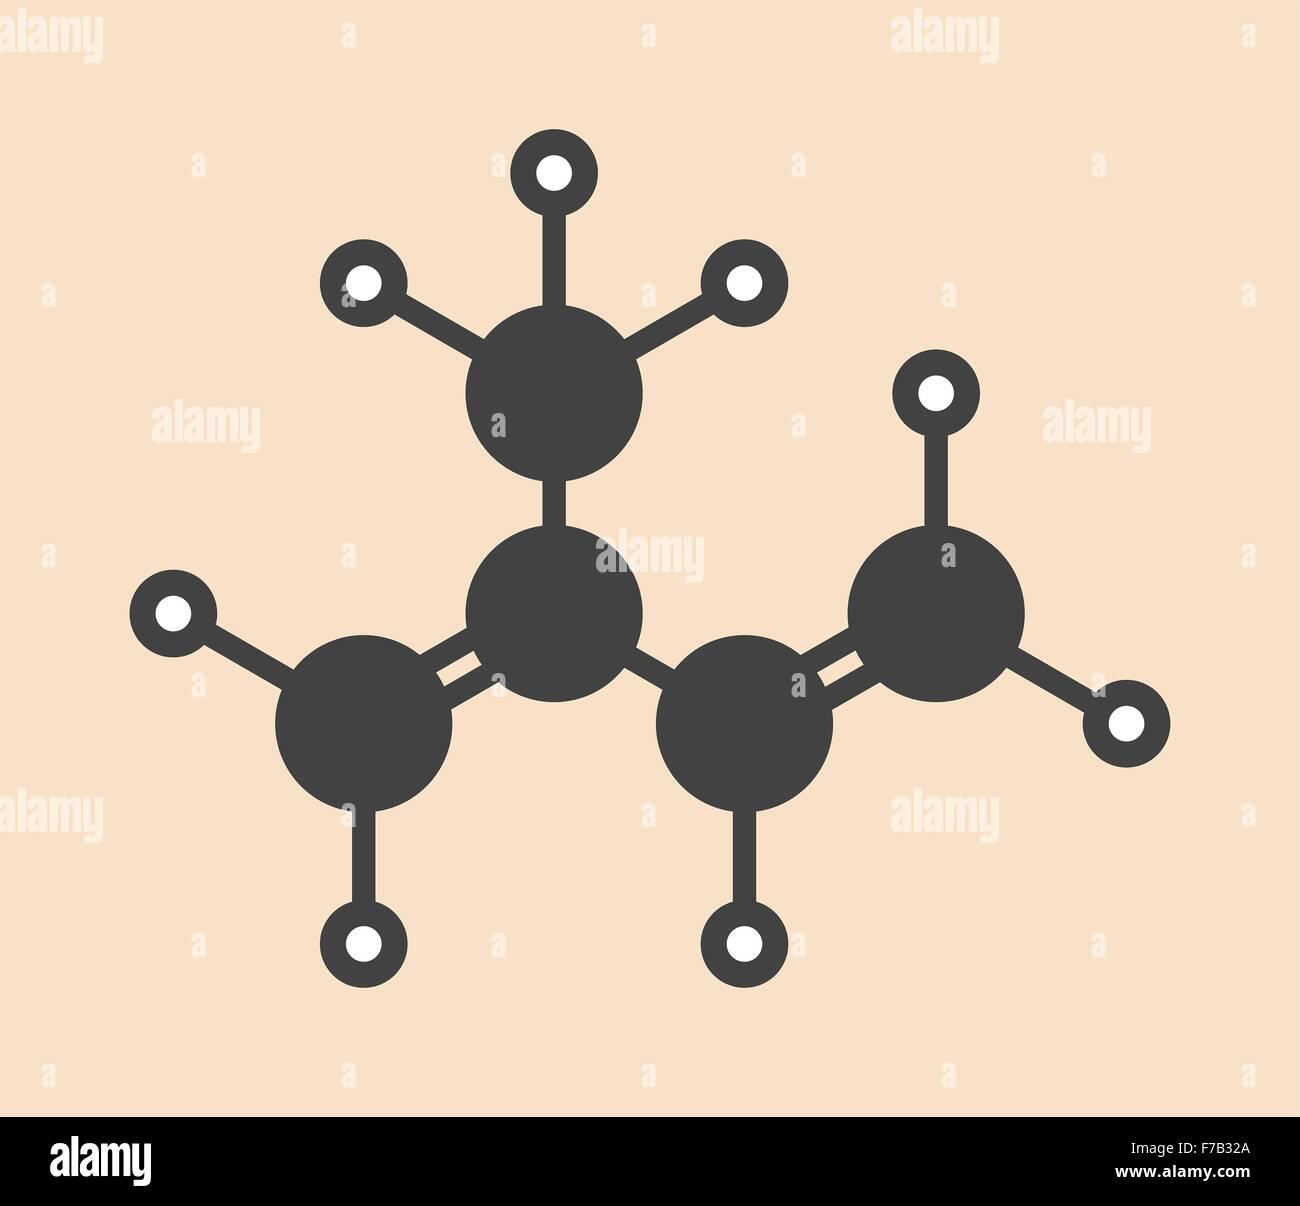 Isoprene, rubber (polyisoprene) building block (monomer)  Stylized